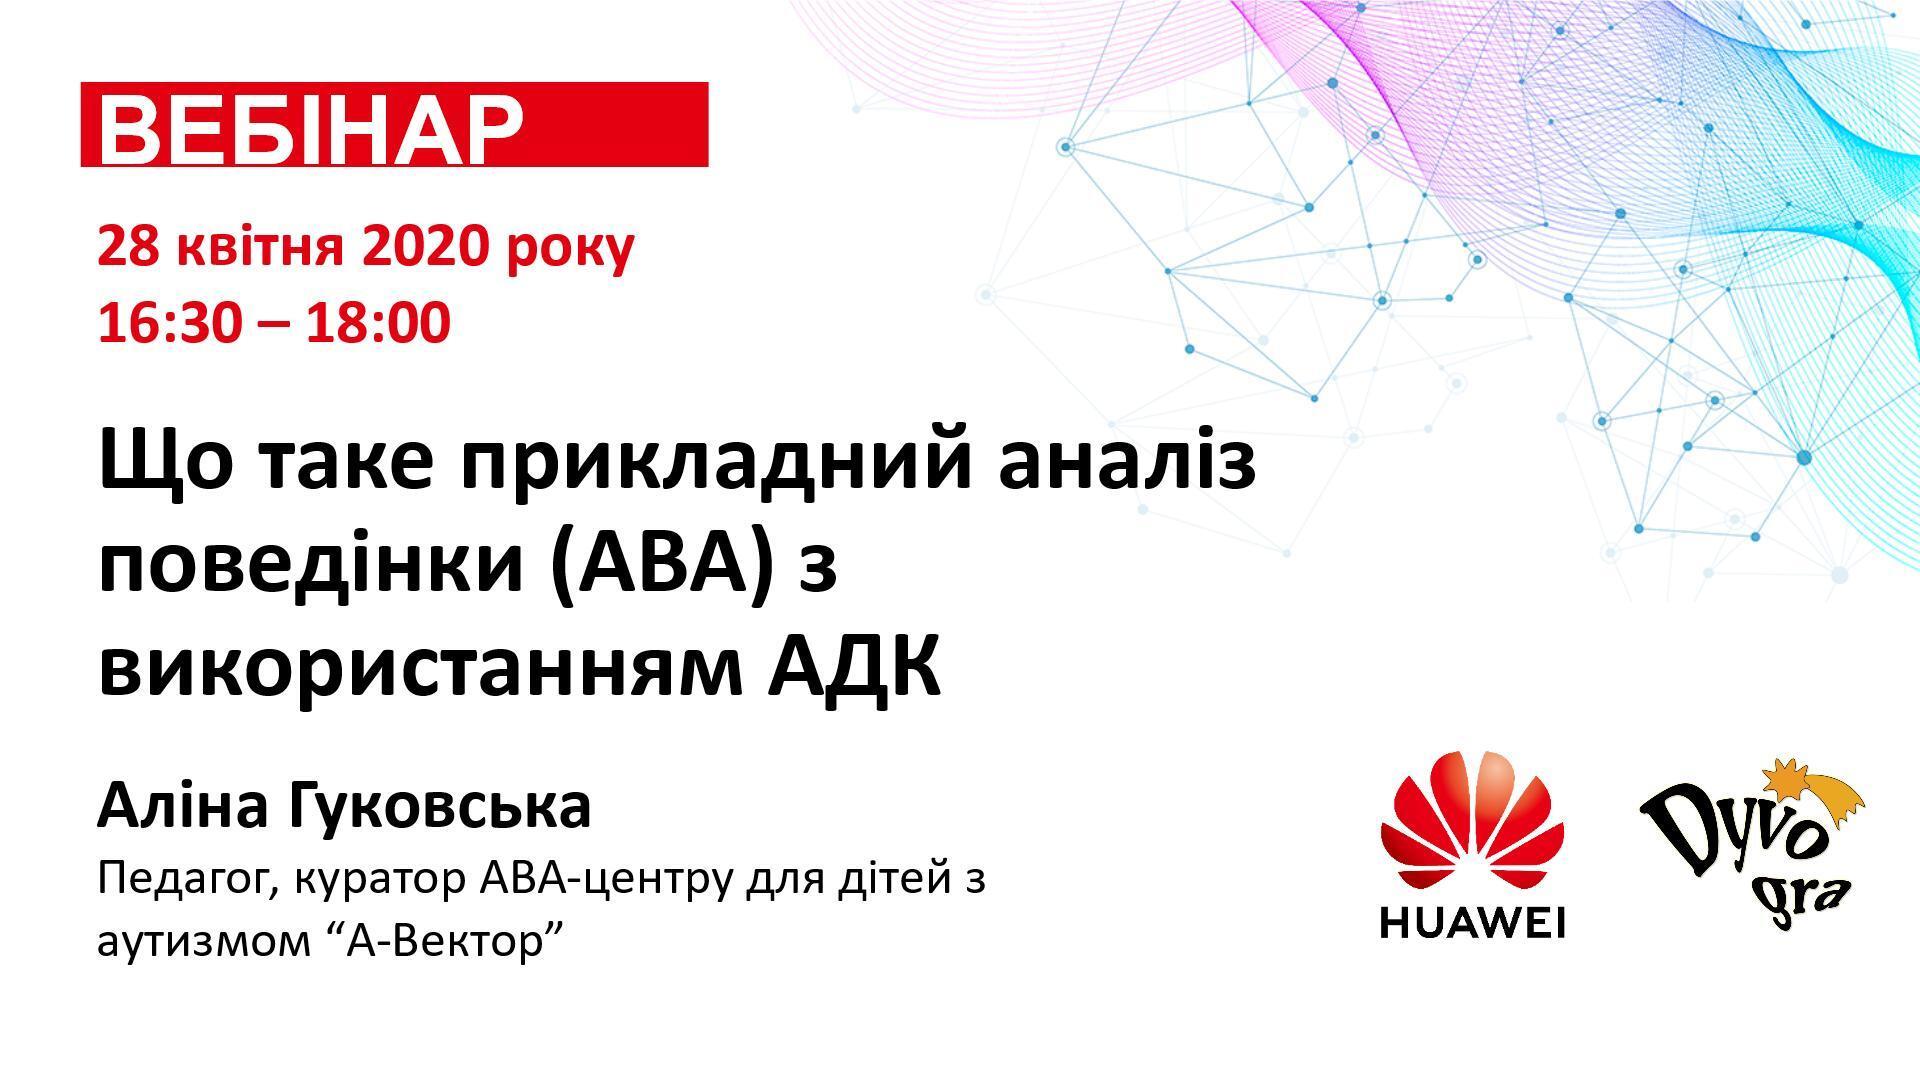 DyvoGra-Huawei Ukraine-Webinar 3